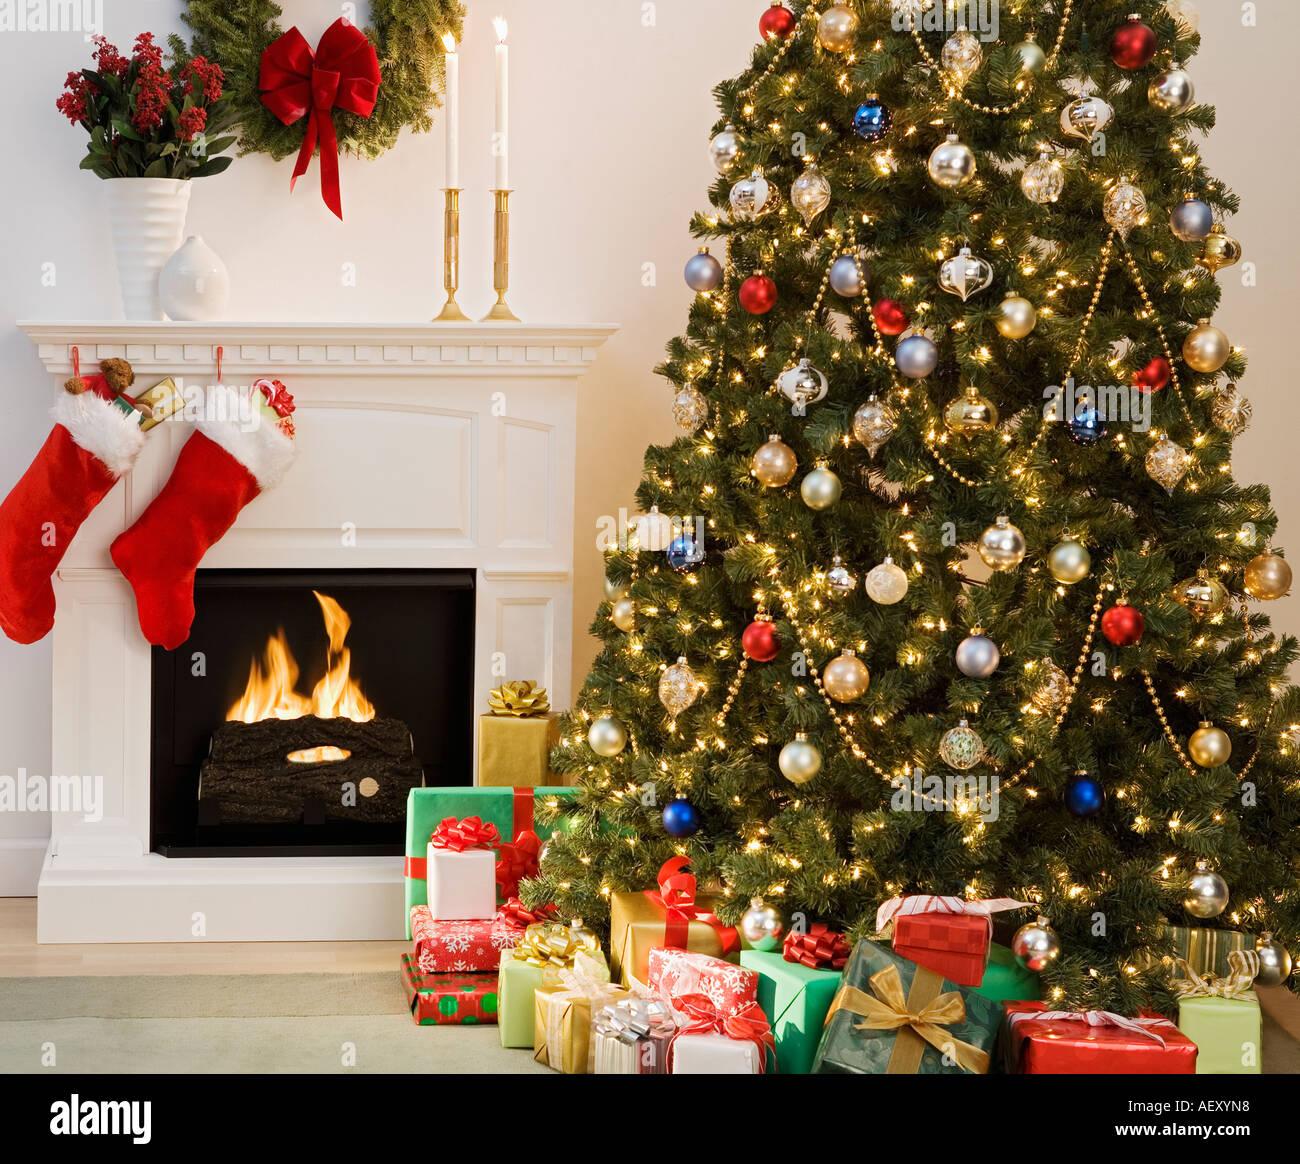 Albero Di Natale Con Regali.Albero Di Natale Con Regali E Camino Con Le Calze Foto Stock Alamy